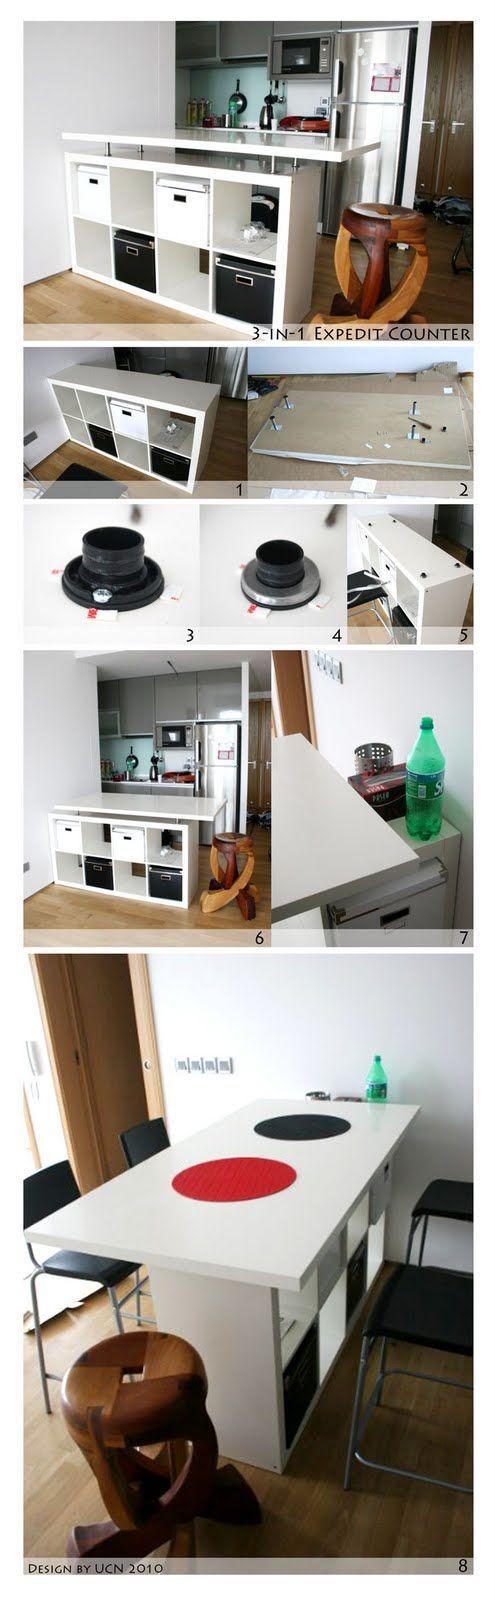 3 in 1 expedit kitchen counter in 2018 sch ne deko wohnideen pinterest verr ckt k che. Black Bedroom Furniture Sets. Home Design Ideas